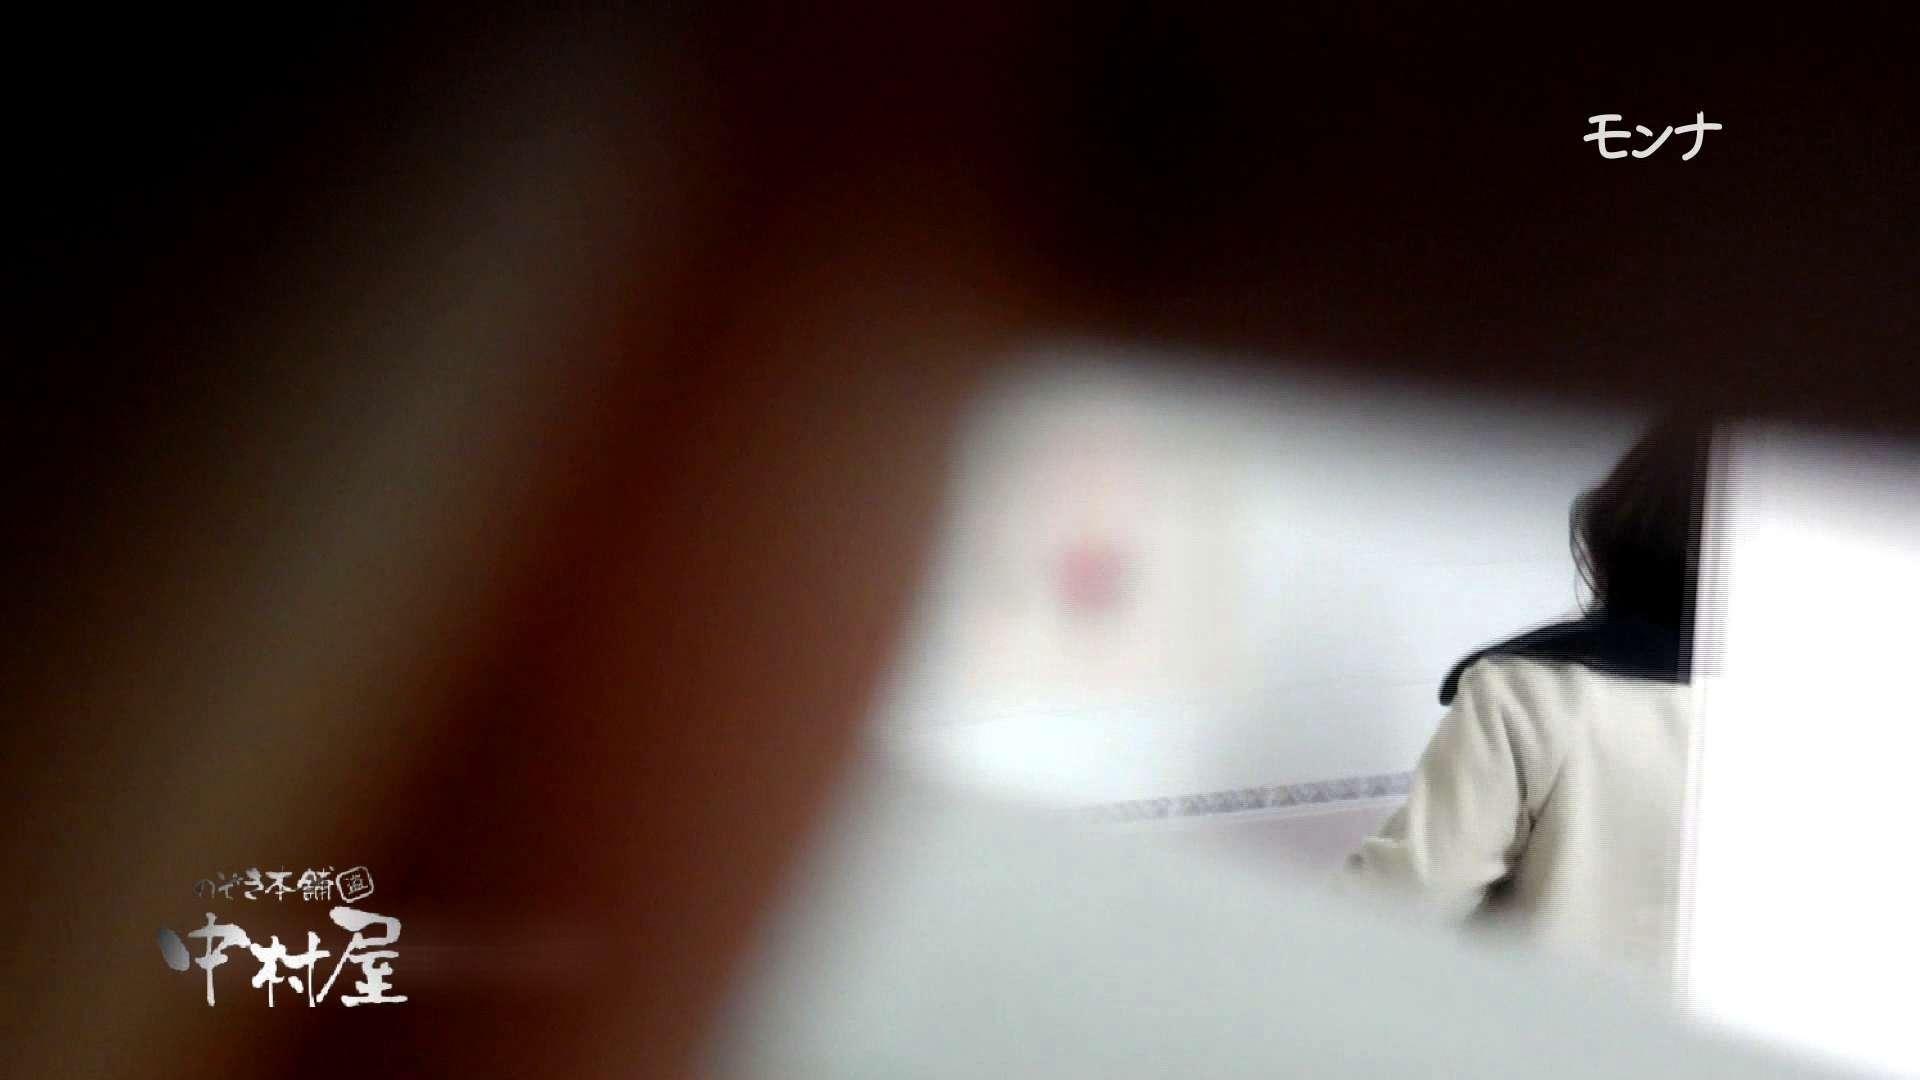 【美しい日本の未来】新学期!!下半身中心に攻めてます美女可愛い女子悪戯盗satuトイレ後編 トイレ流出 | 悪戯  82連発 65